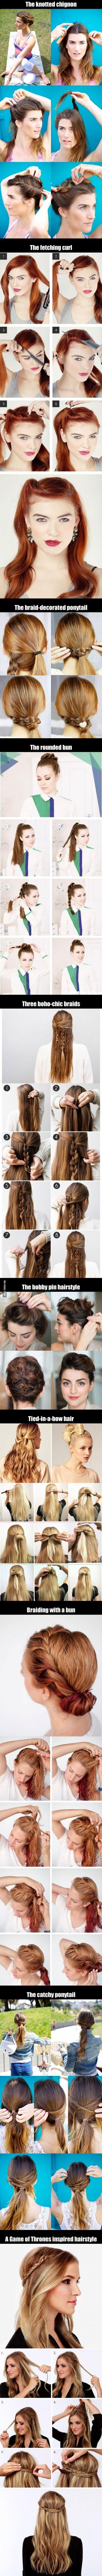 10 einfache Frisuren für Mädchen in 5 Minuten. Welches magst du am liebsten, Jungs und Mädels ...